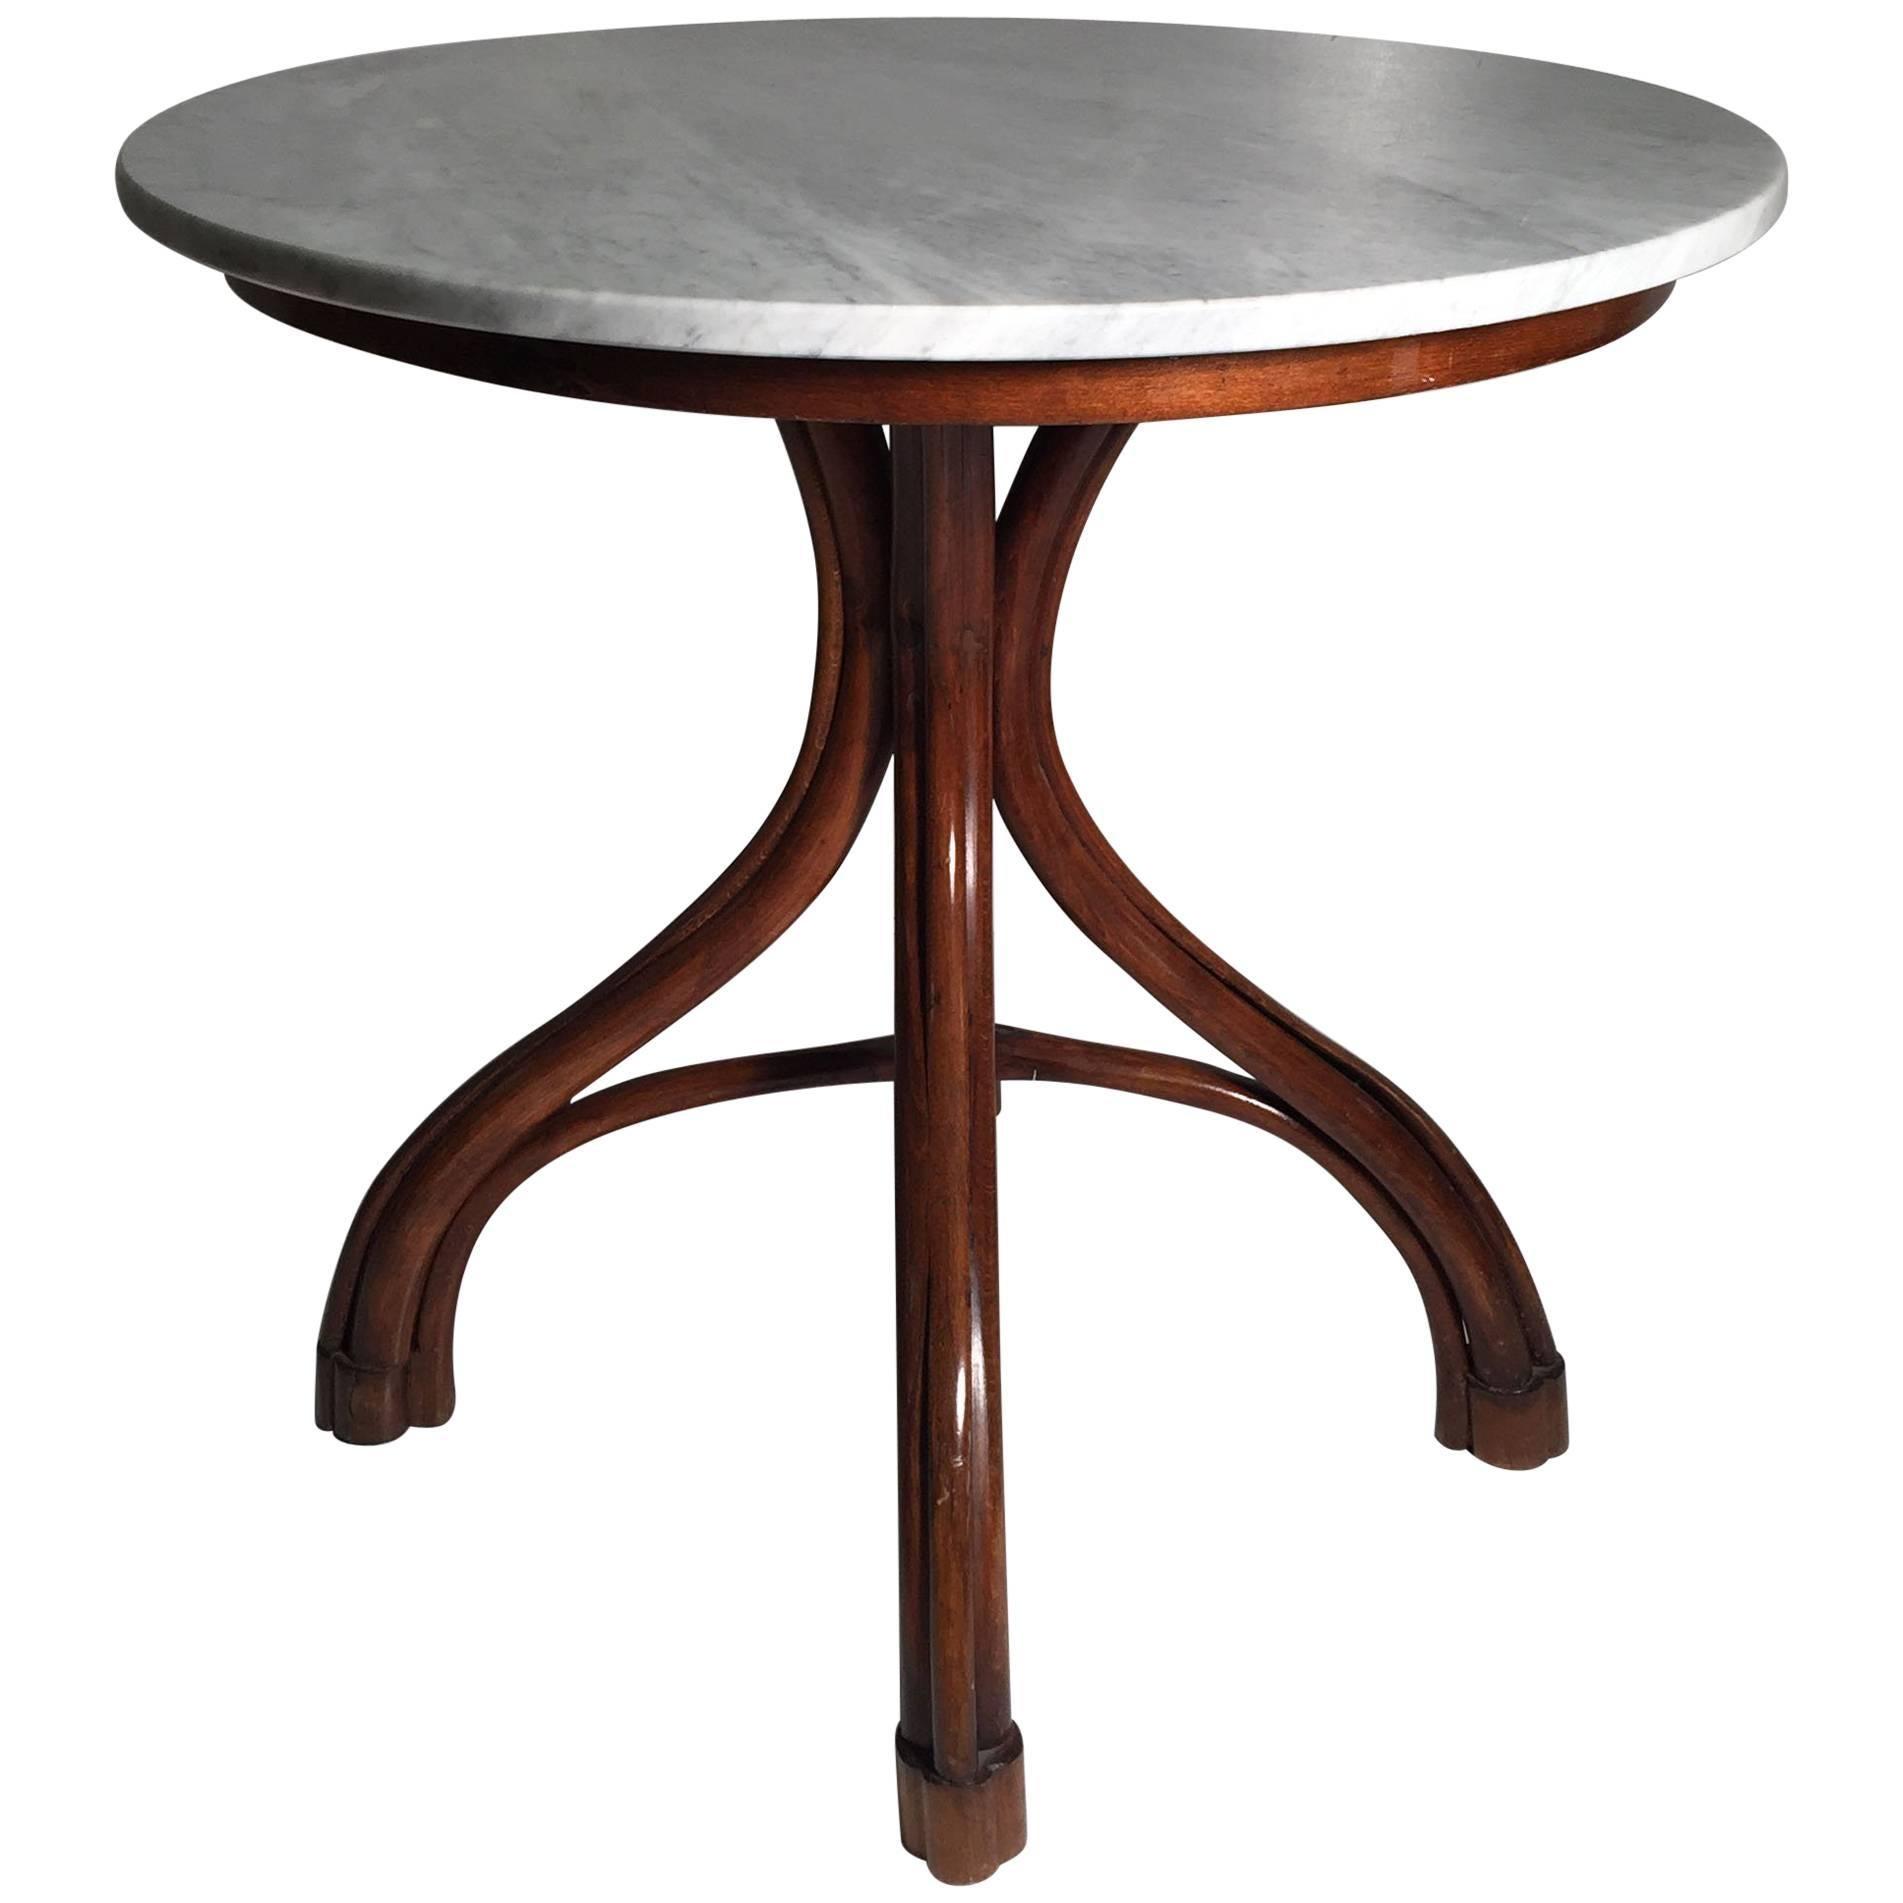 Vintage Thonet Bentwood Cafe / Side Table